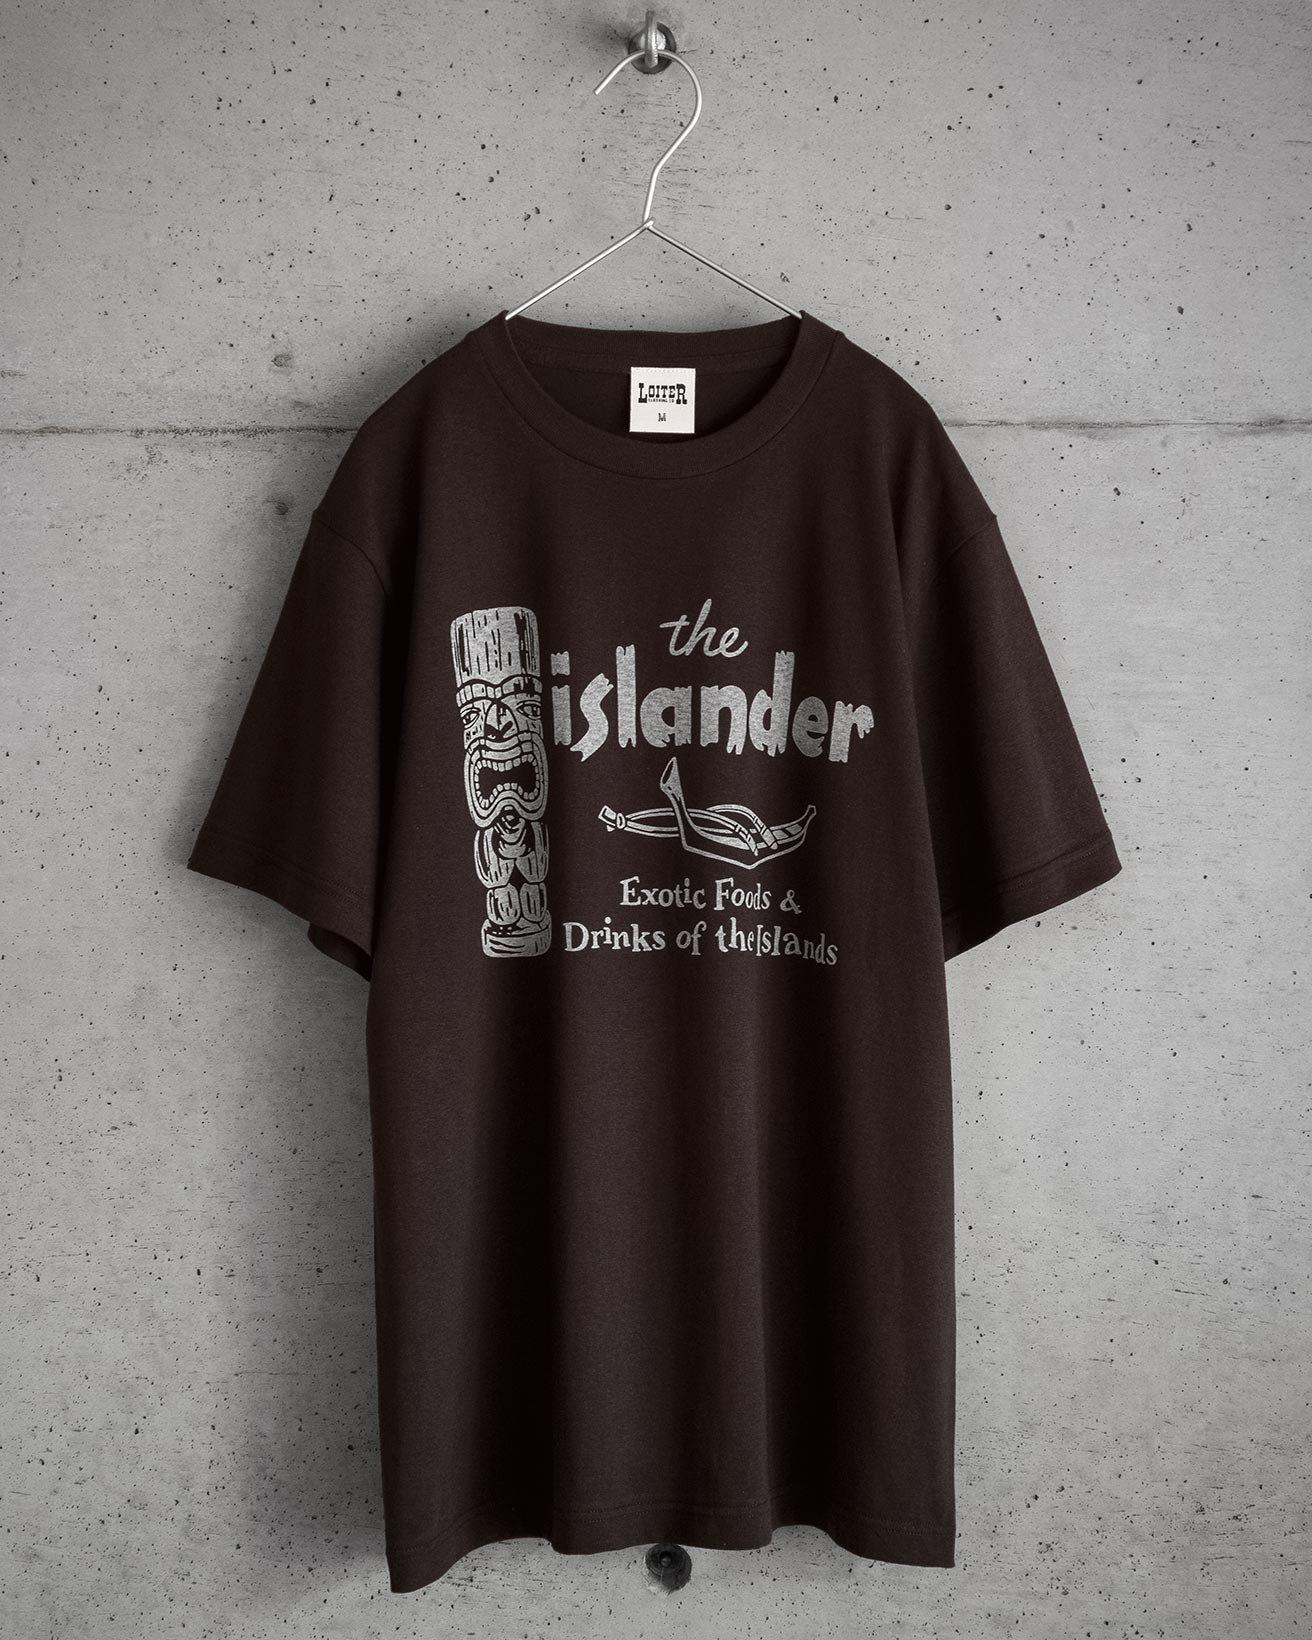 ホリデイズのサーフ系 ISLANDER Tシャツ